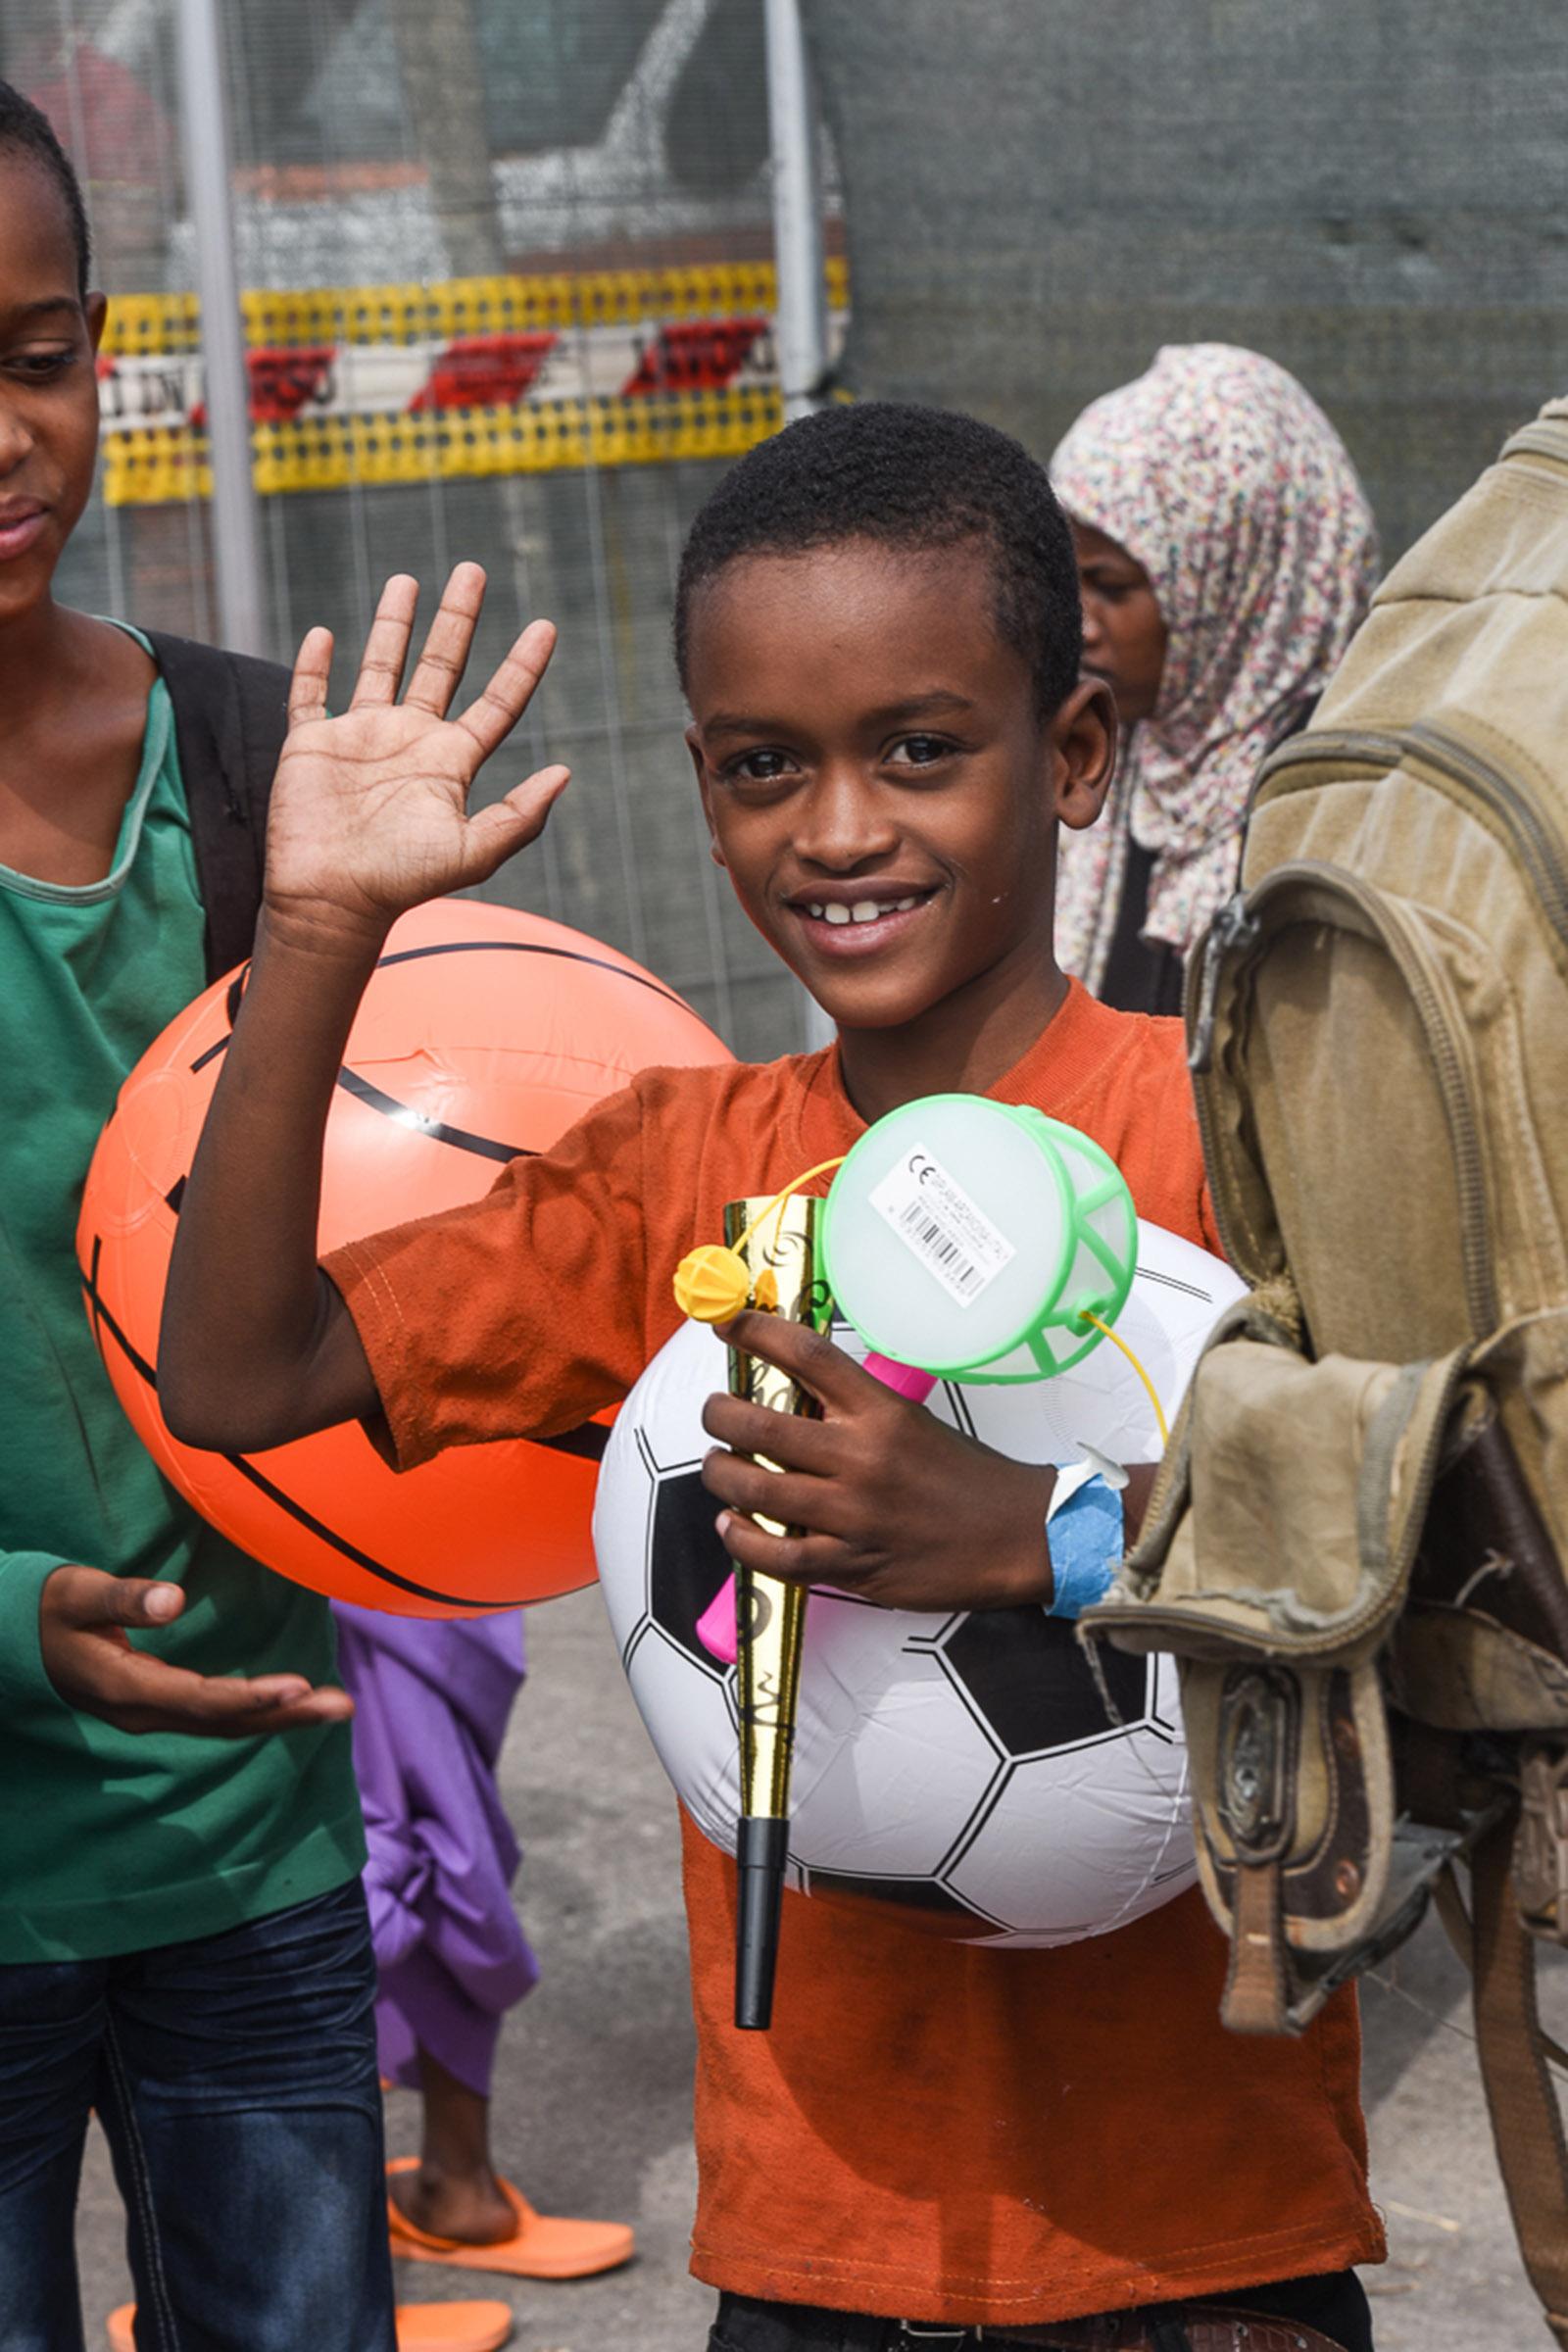 FOTO - Immigrati giunti nel porto di ViboTante le donne incinte e i bambini